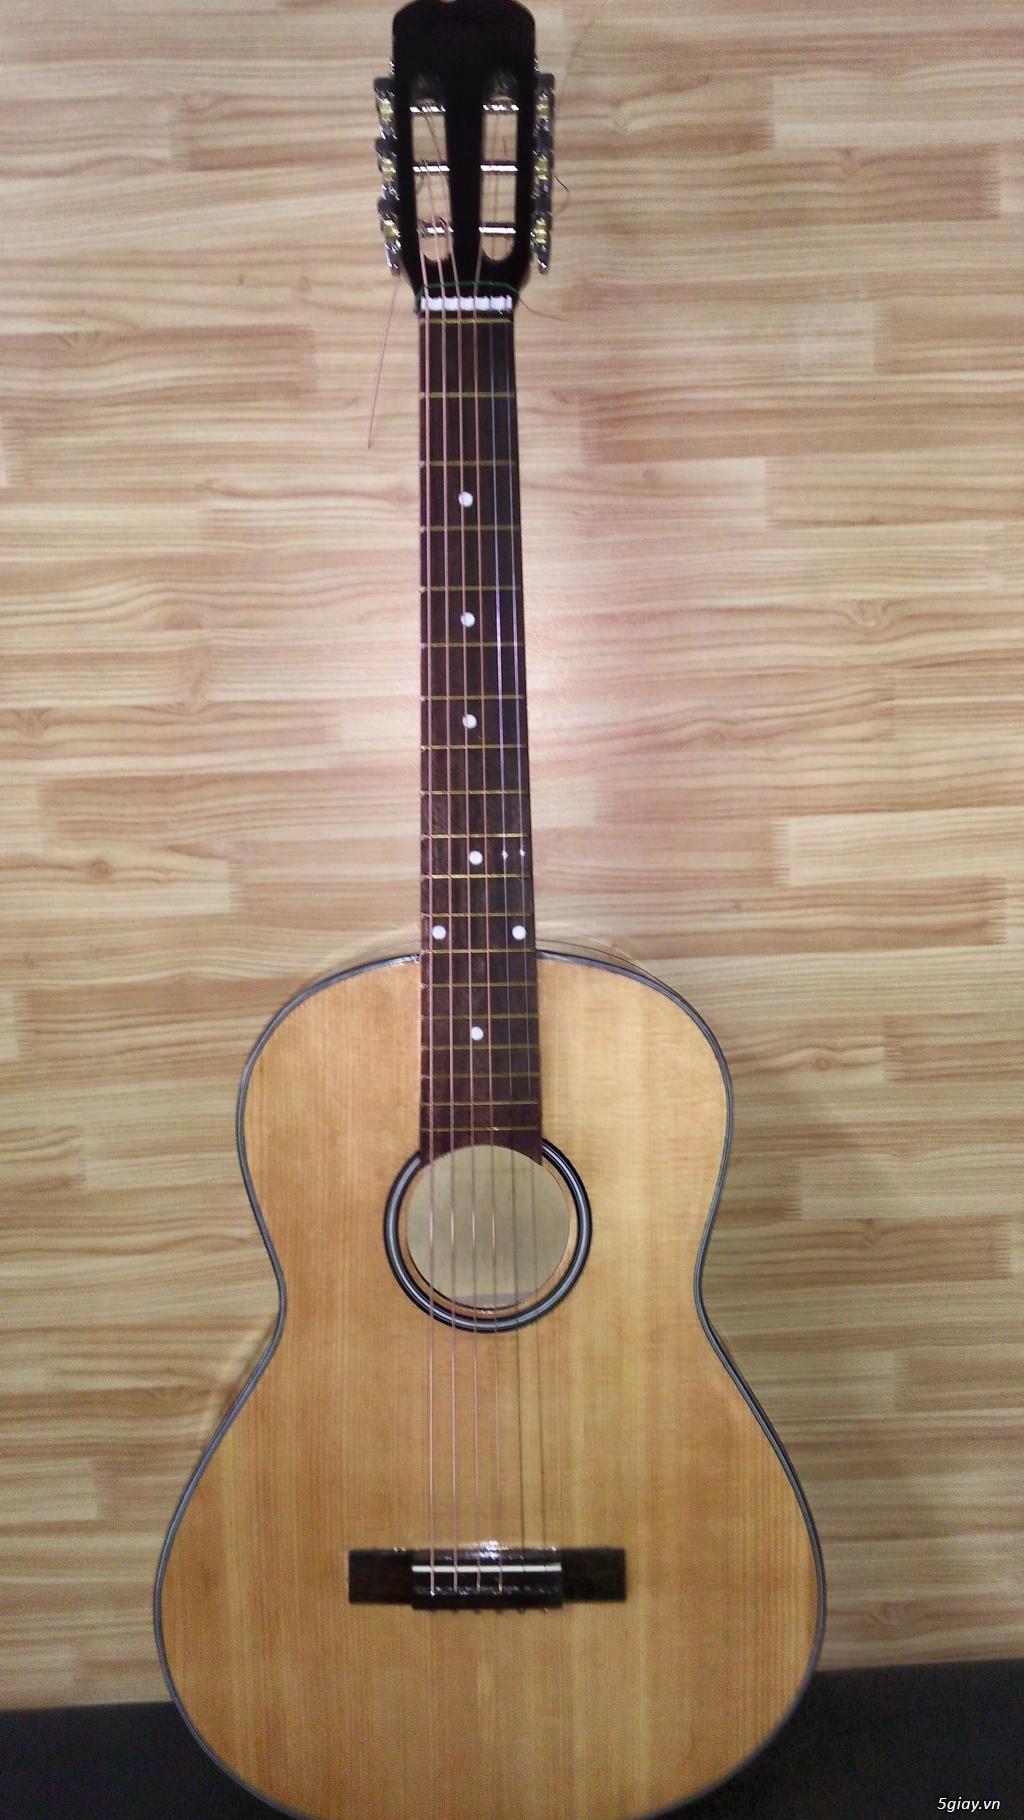 Guitar Song Hành Hóc Môn giá siêu cạnh tranh - 2